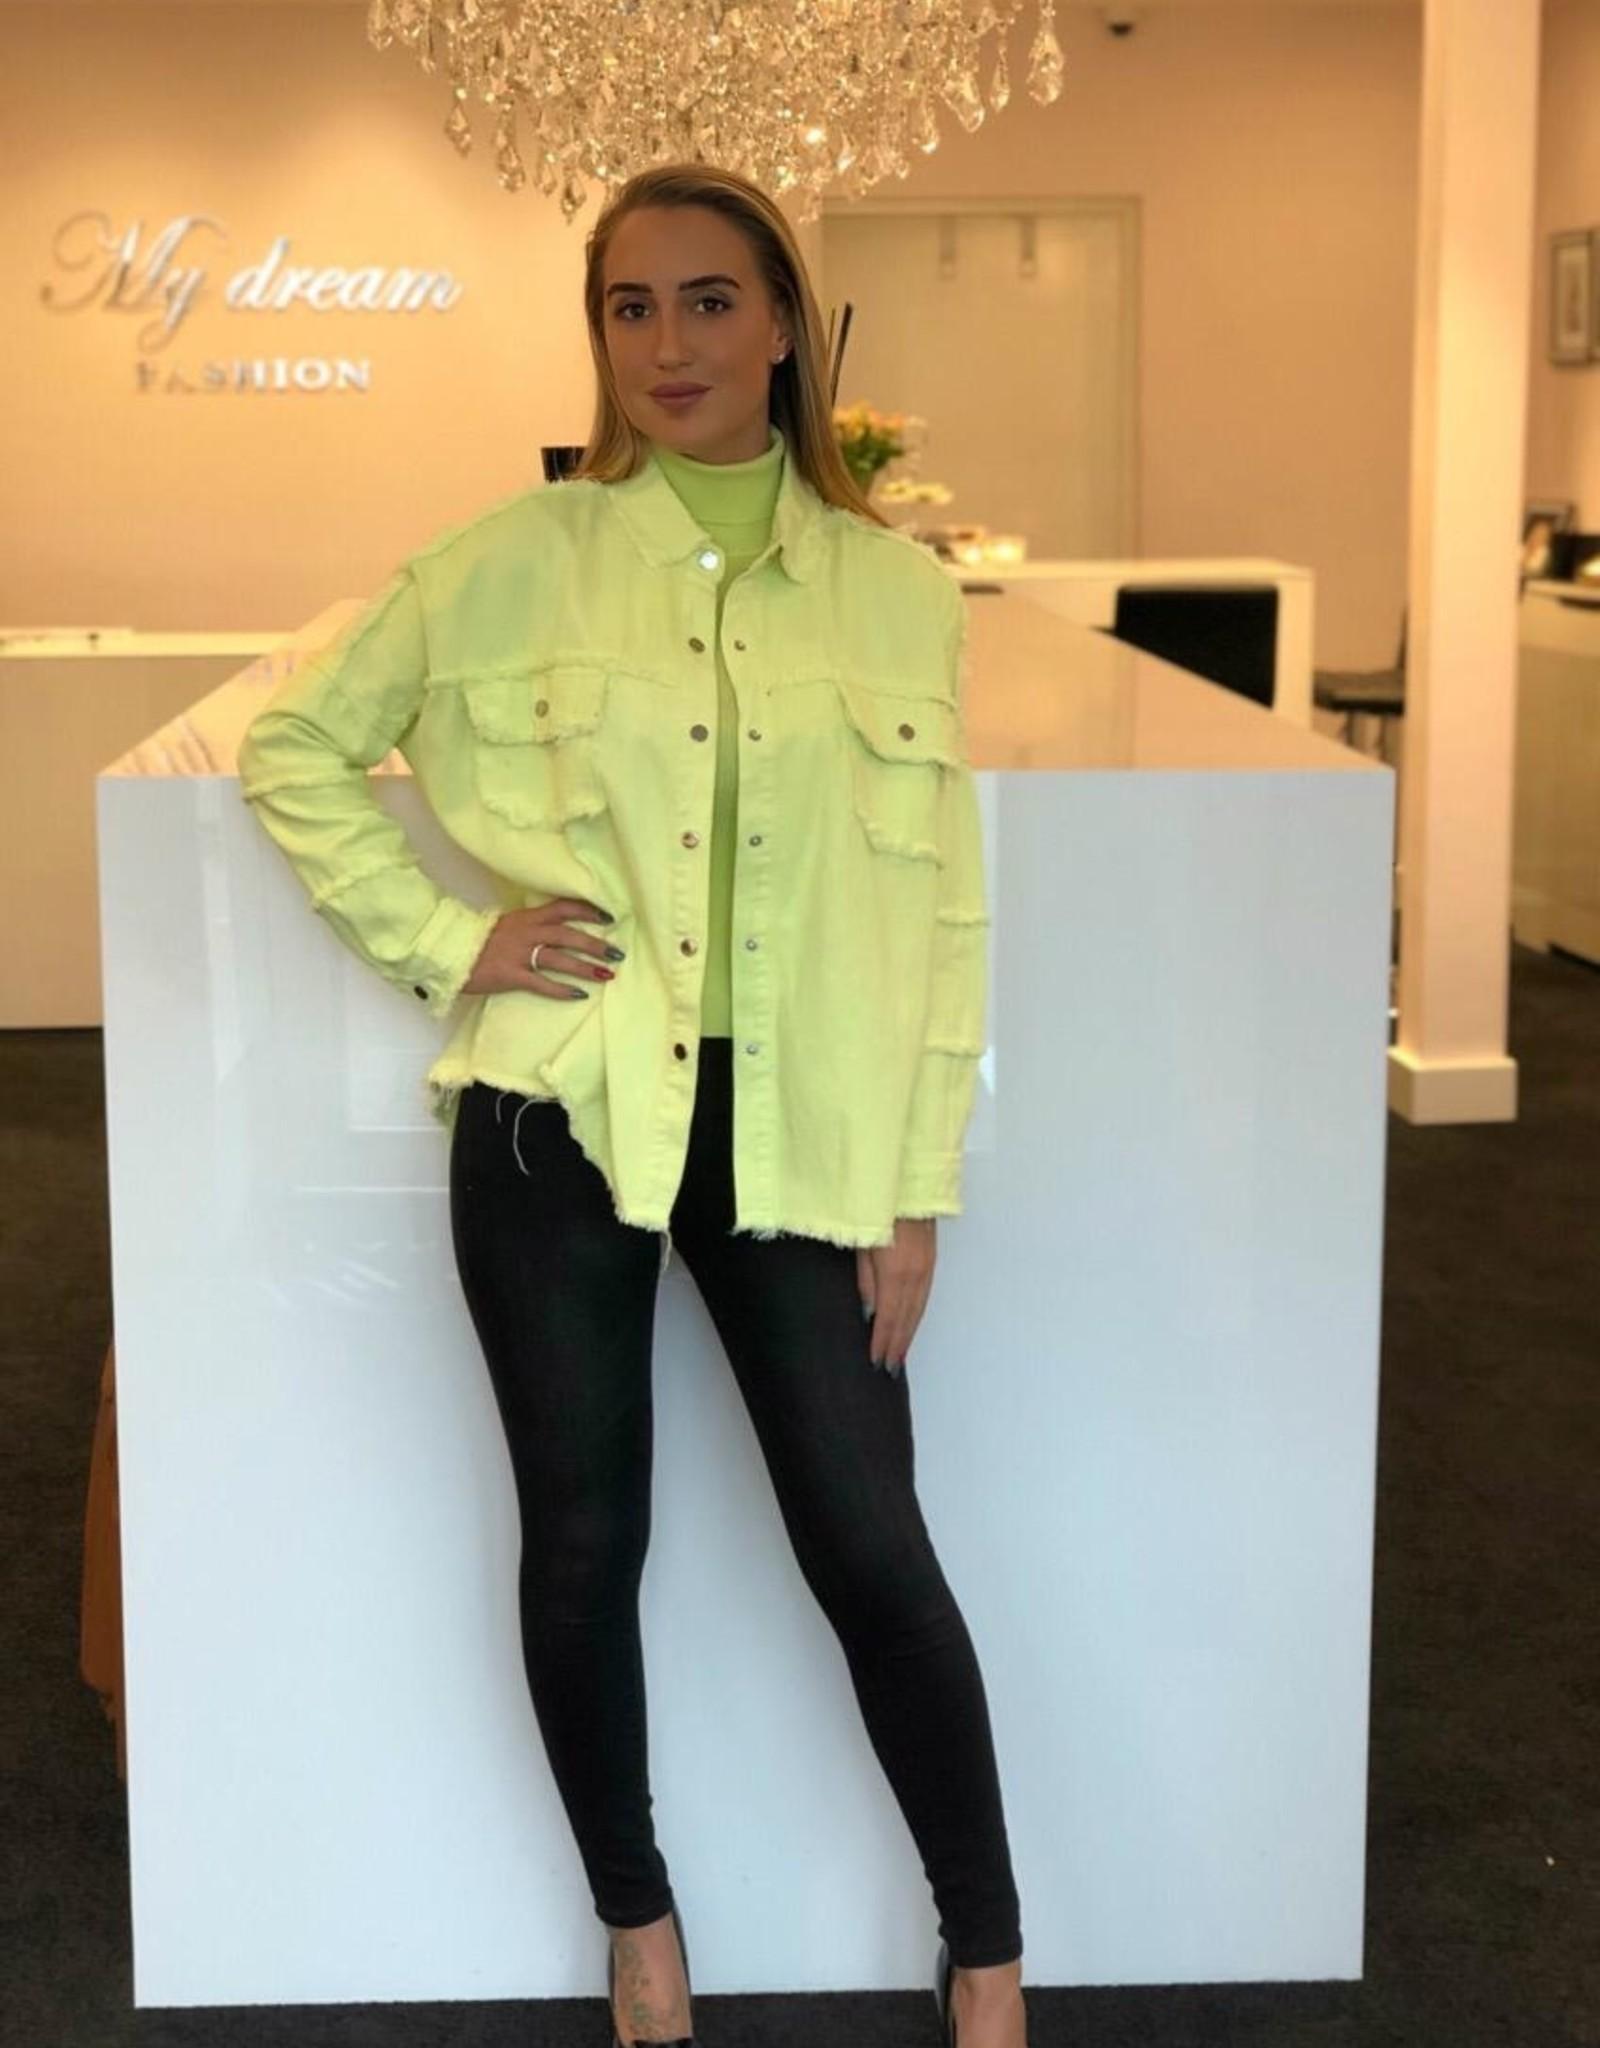 Kanariegeel oversized jasje